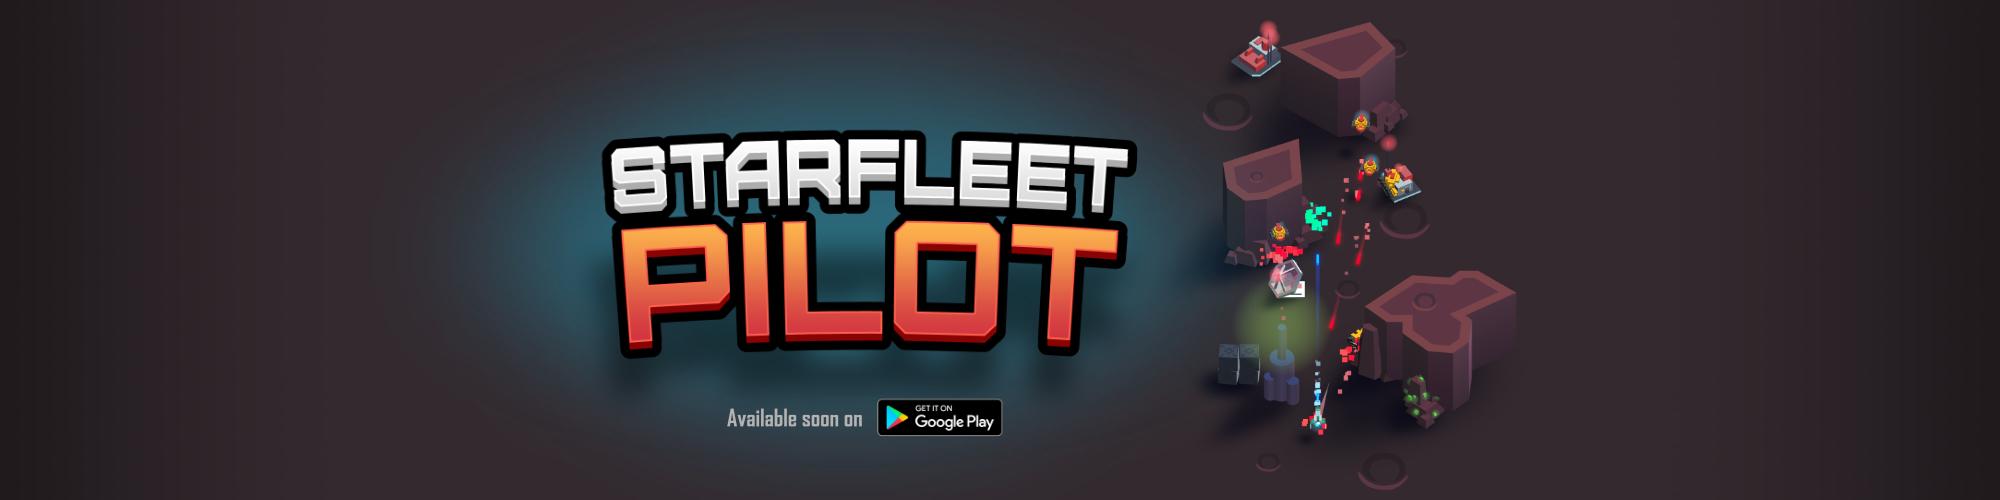 Starfleet Pilot